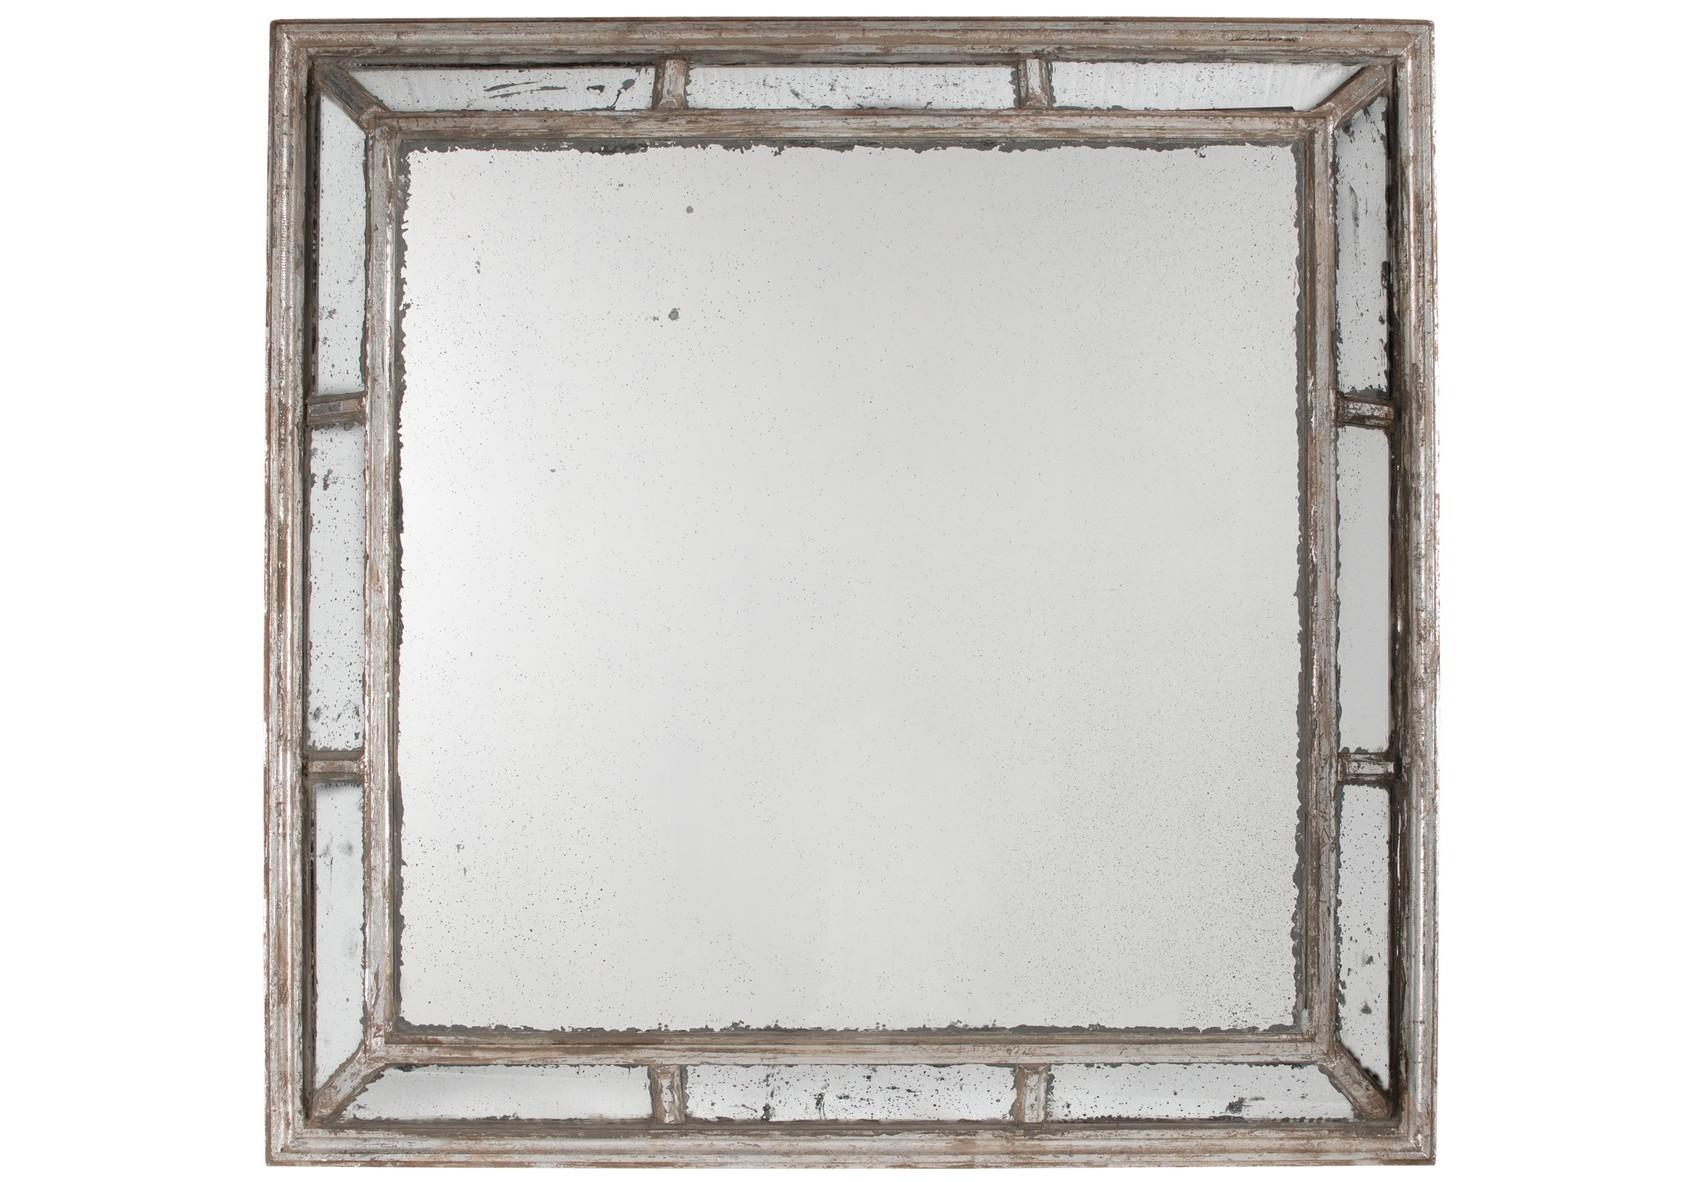 ЗеркалоНастенные зеркала<br><br><br>Material: Дерево<br>Width см: 99<br>Height см: 99